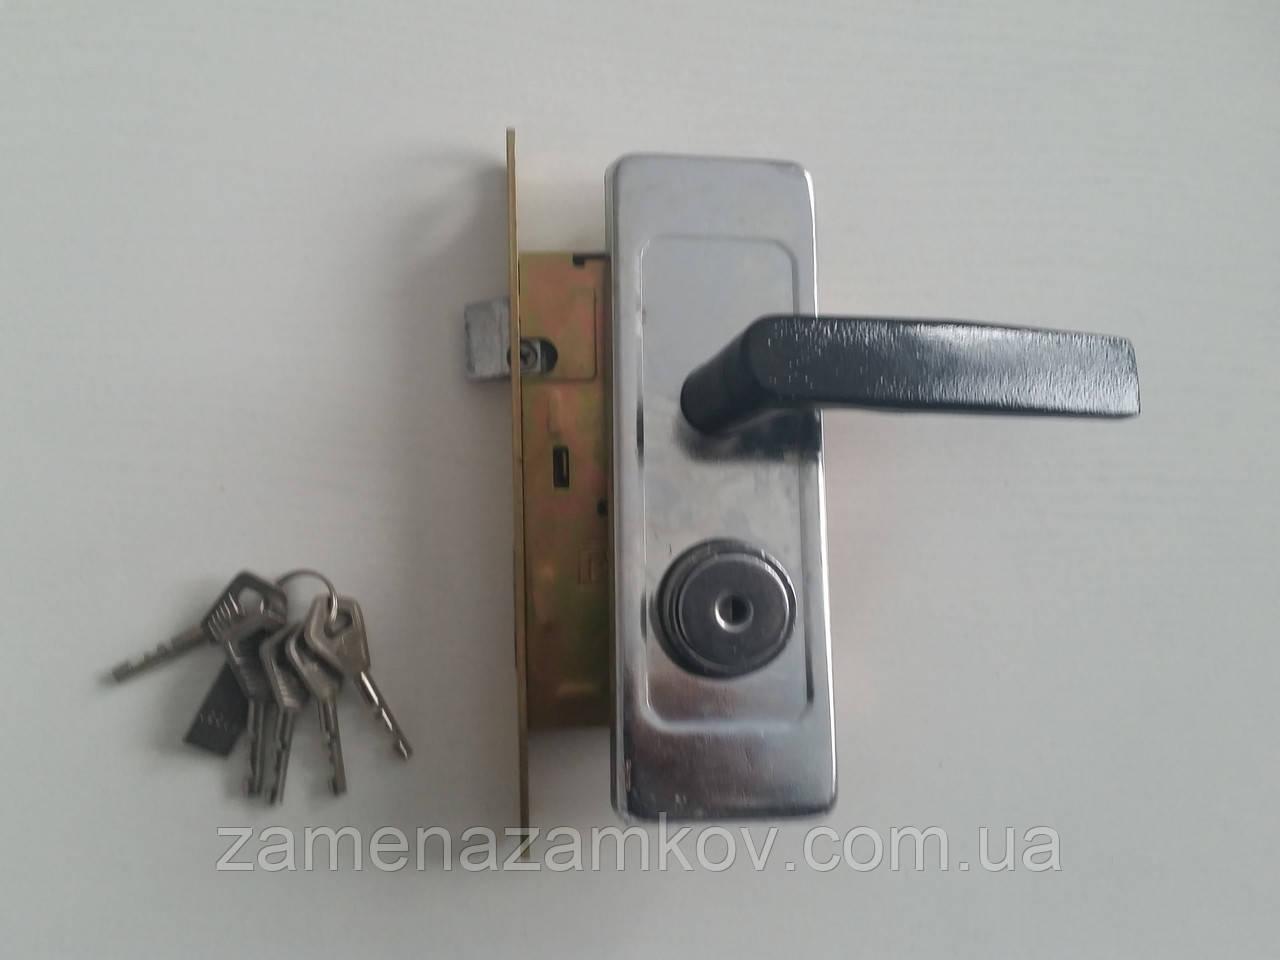 Акция! Замок ШО-25 Беларусь замок с кнопкой на ручках Оригинал Барановичи дисковый секрет